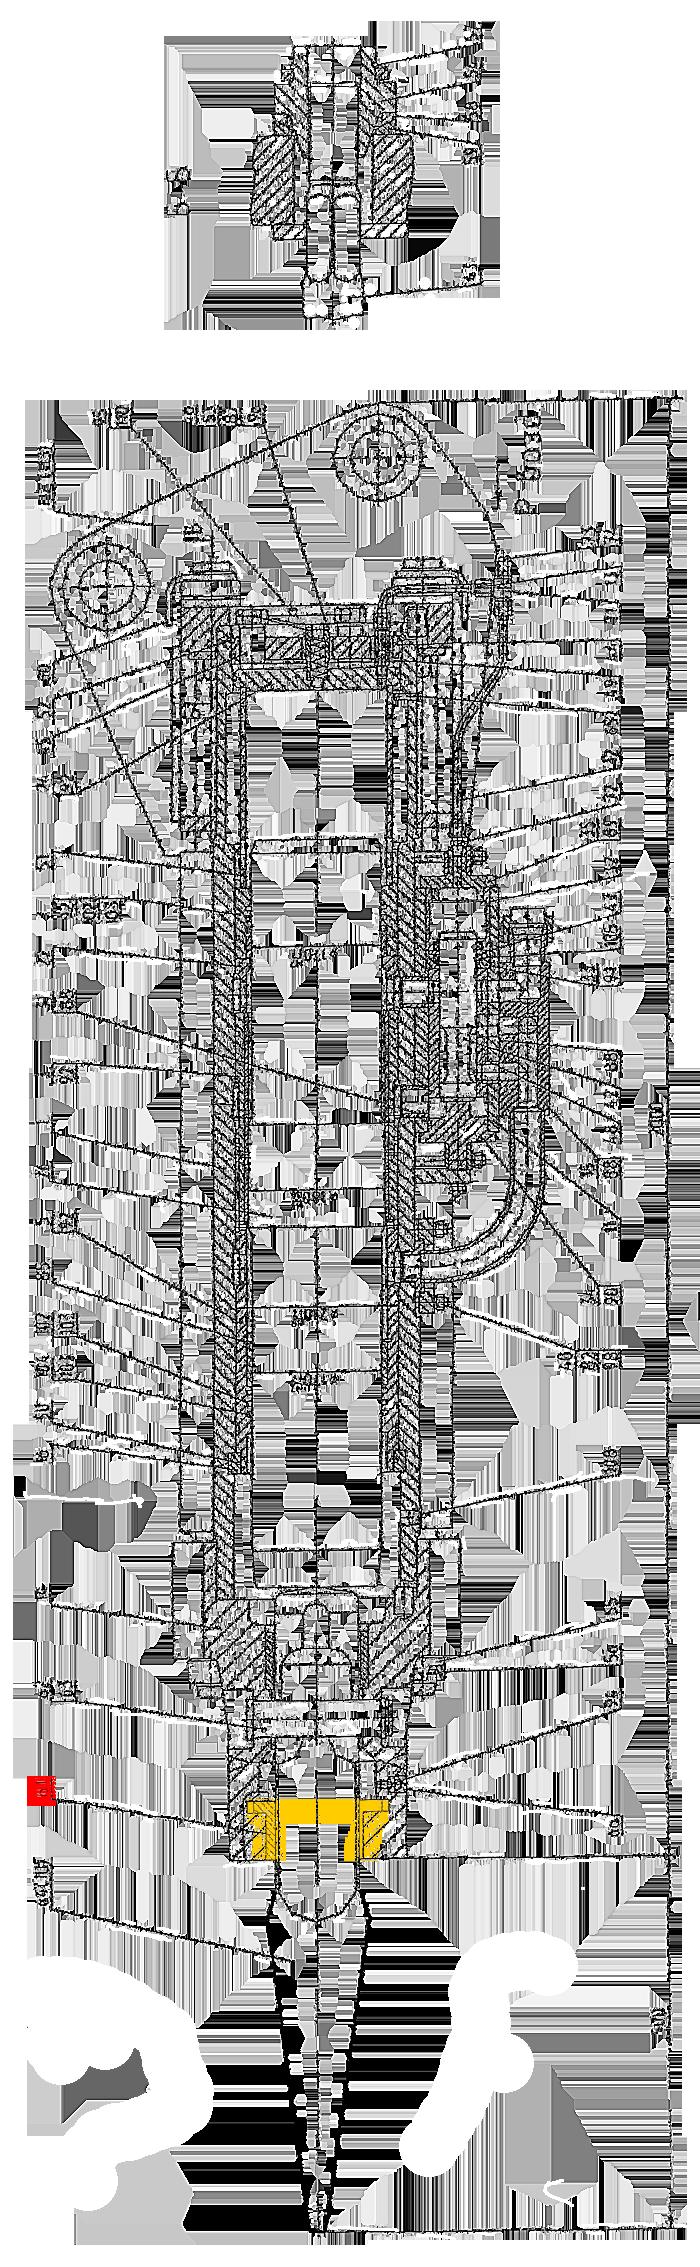 Сухарь СП71.1.00.002 гидромолота МГ-300